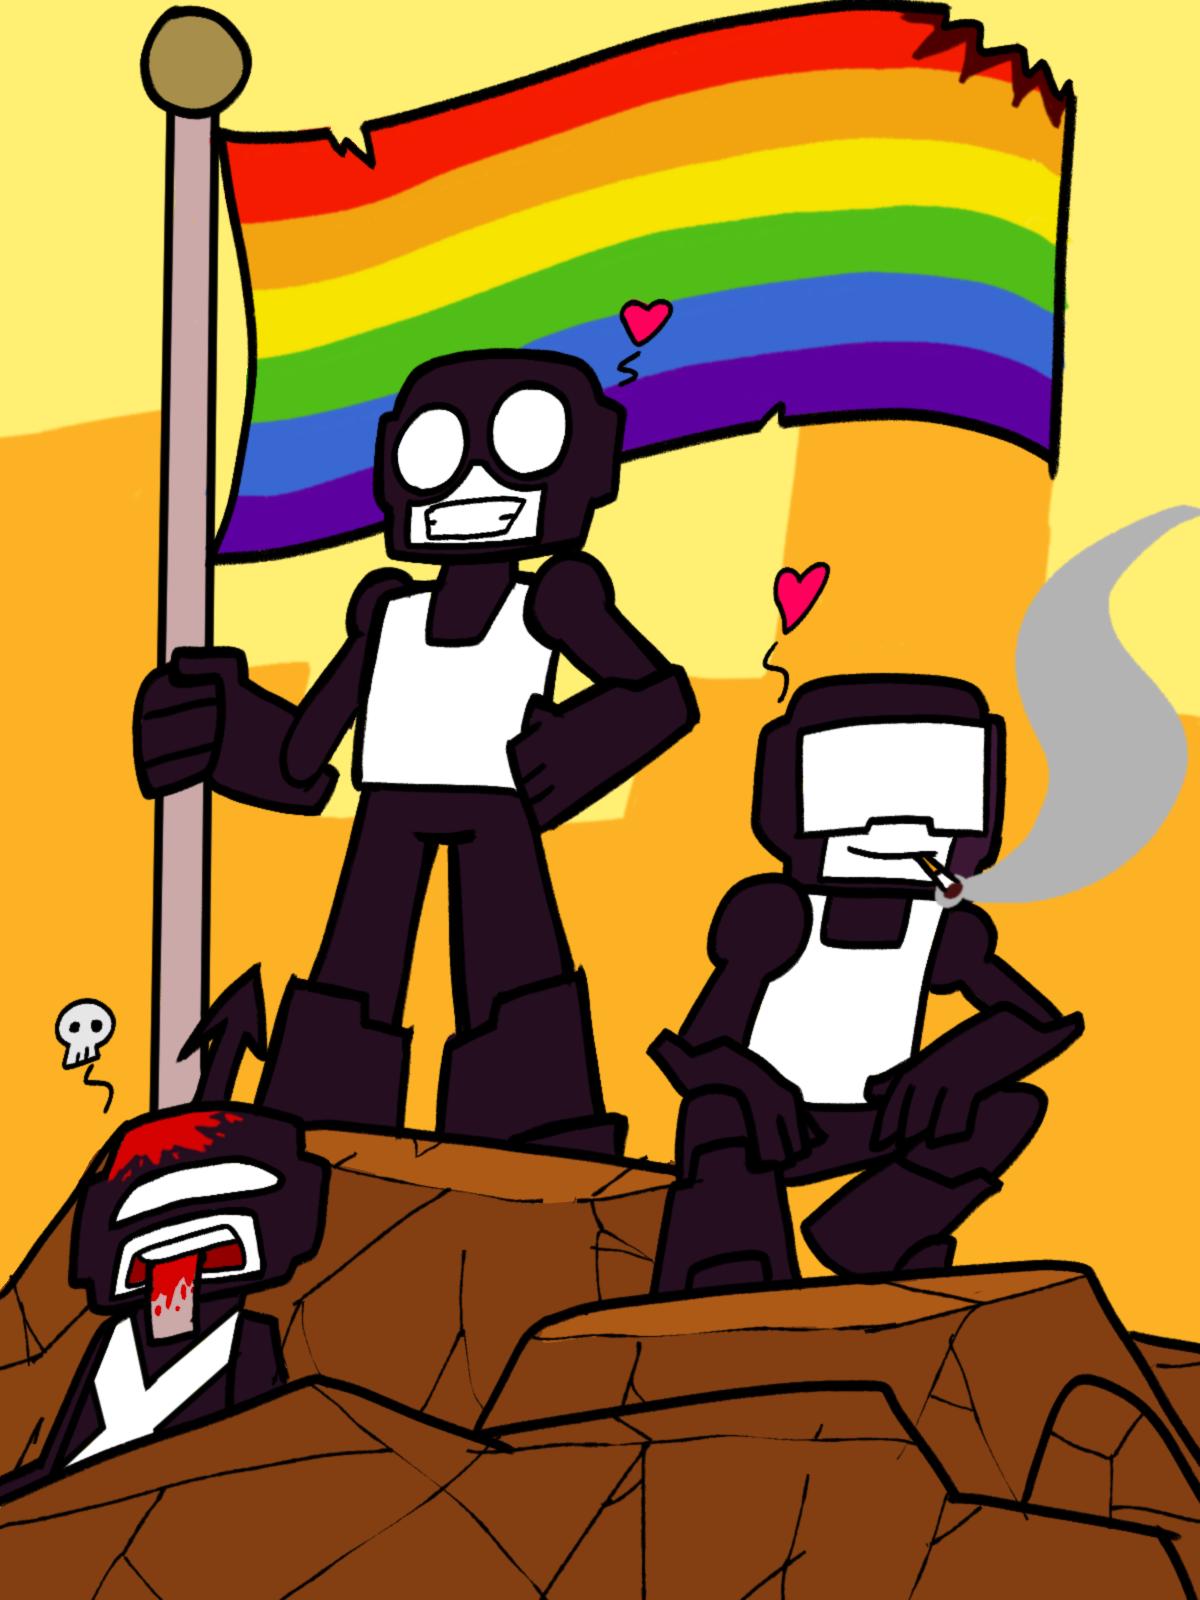 Tankmen: love conquers all